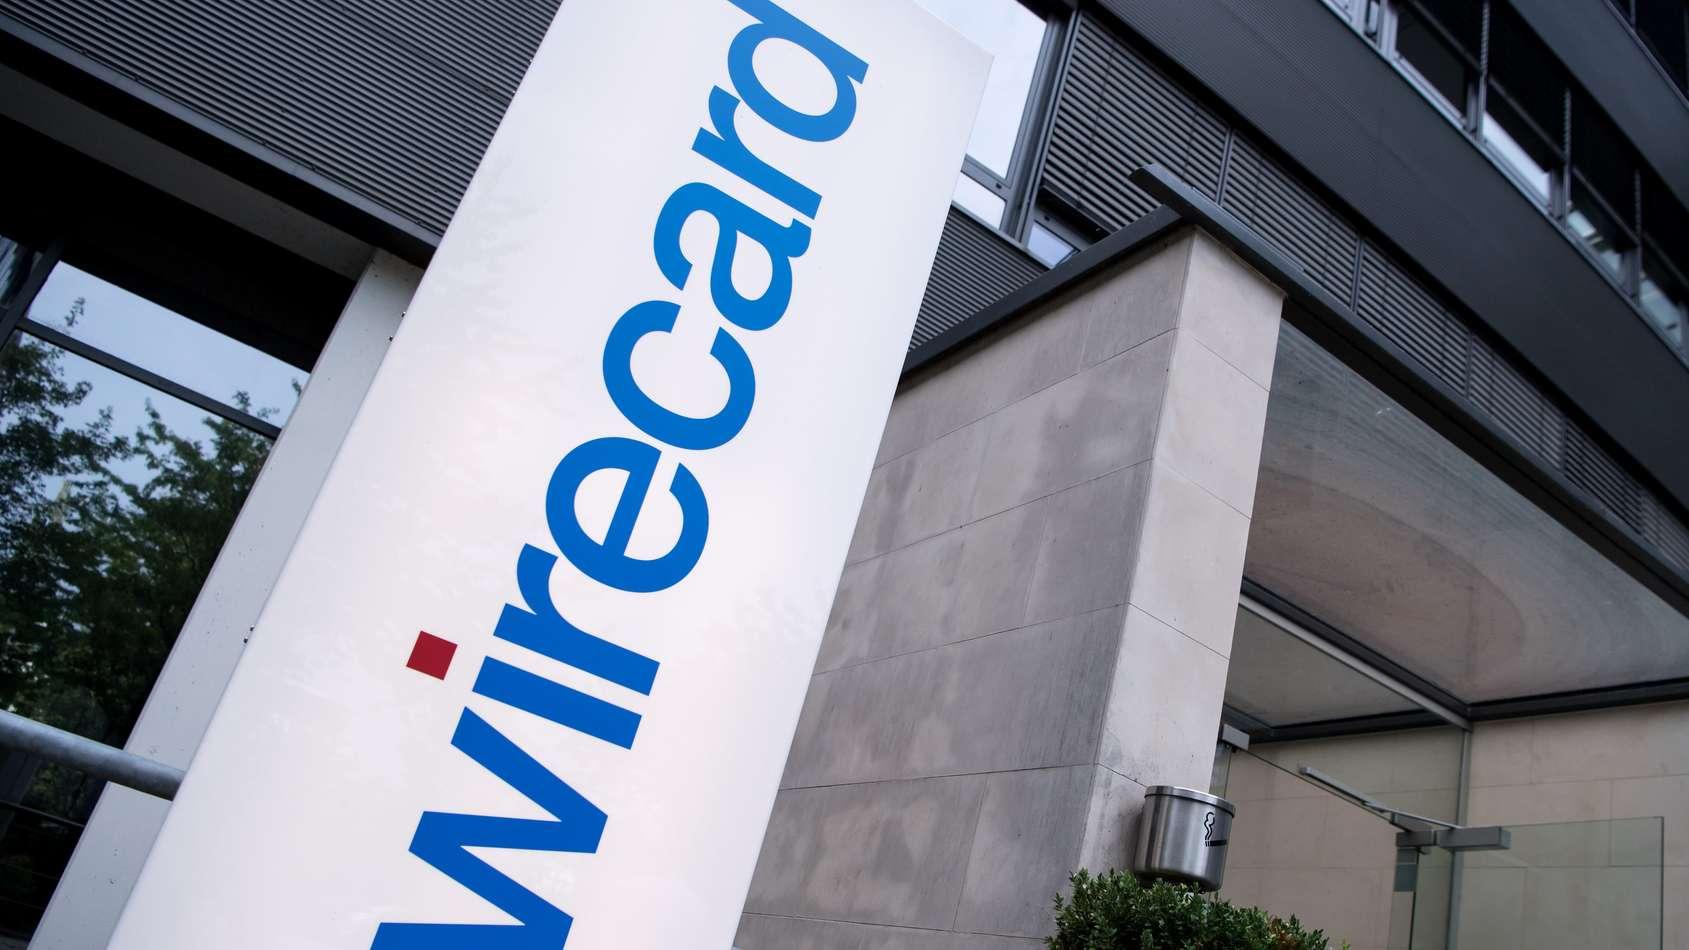 Firmenzentrale von Wirecard